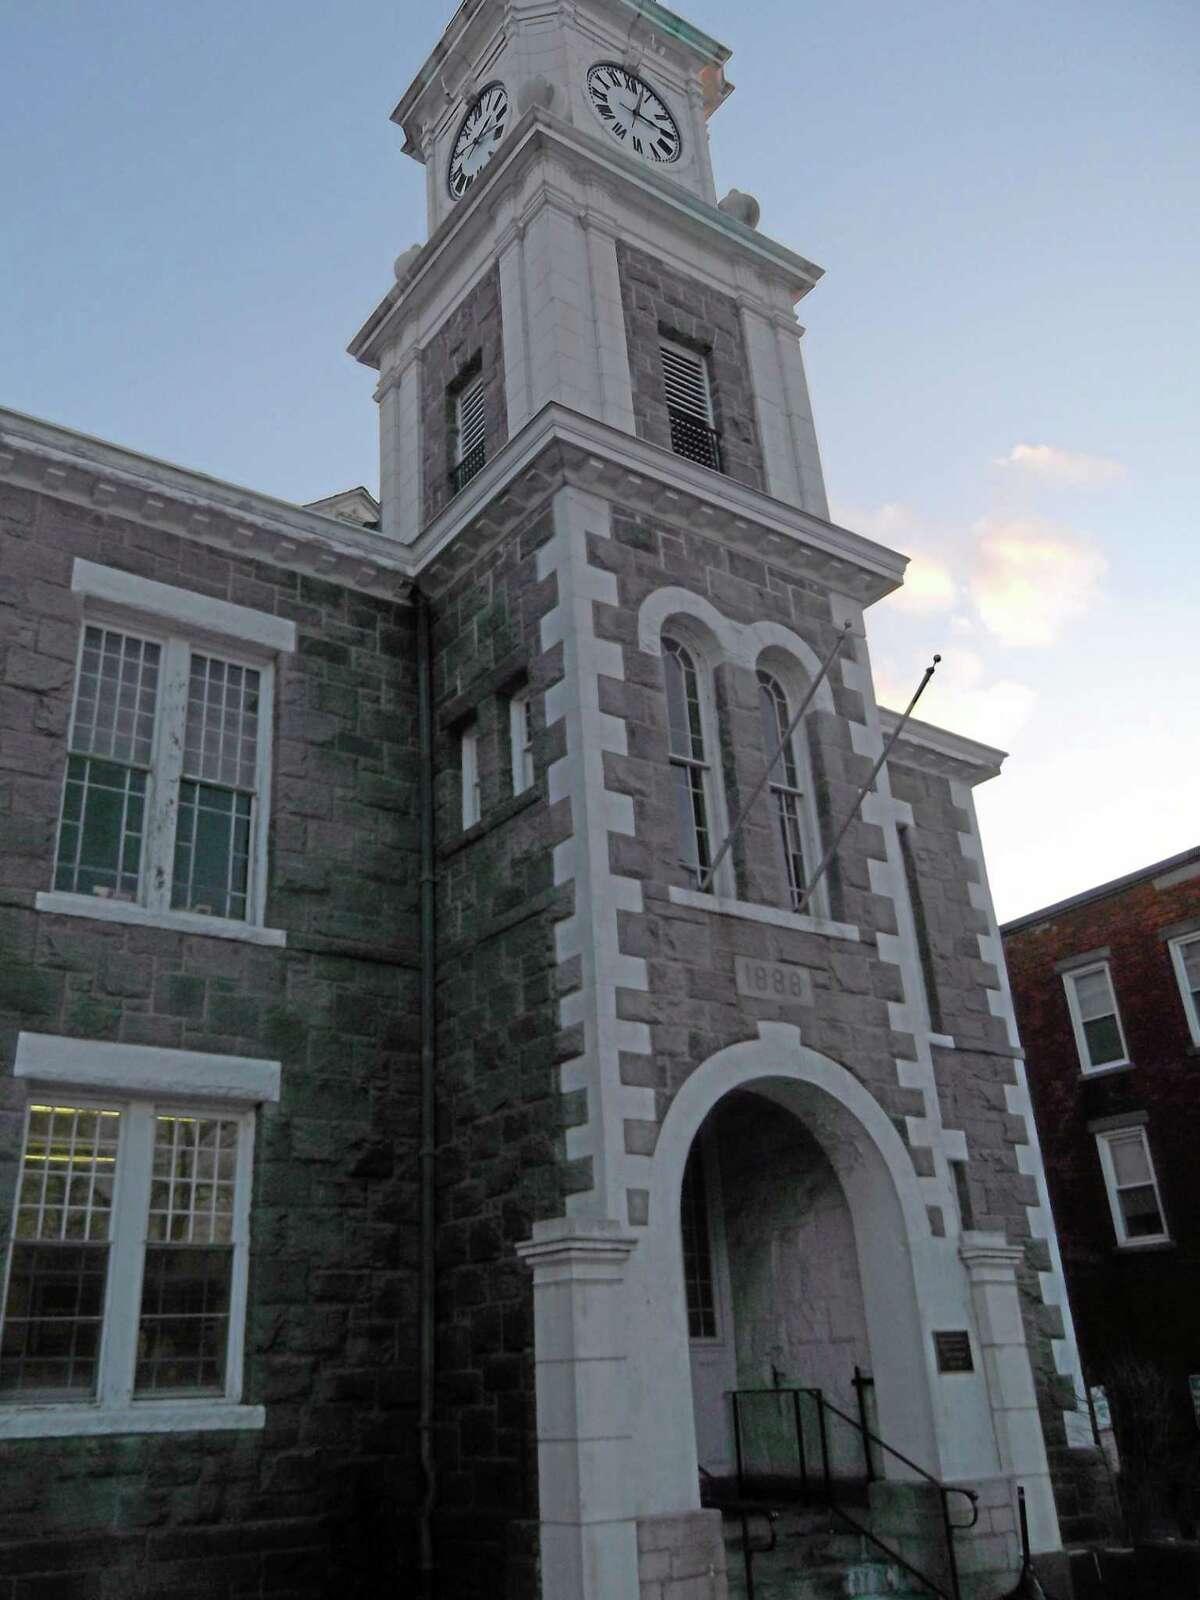 Litchfield Superior Court House.